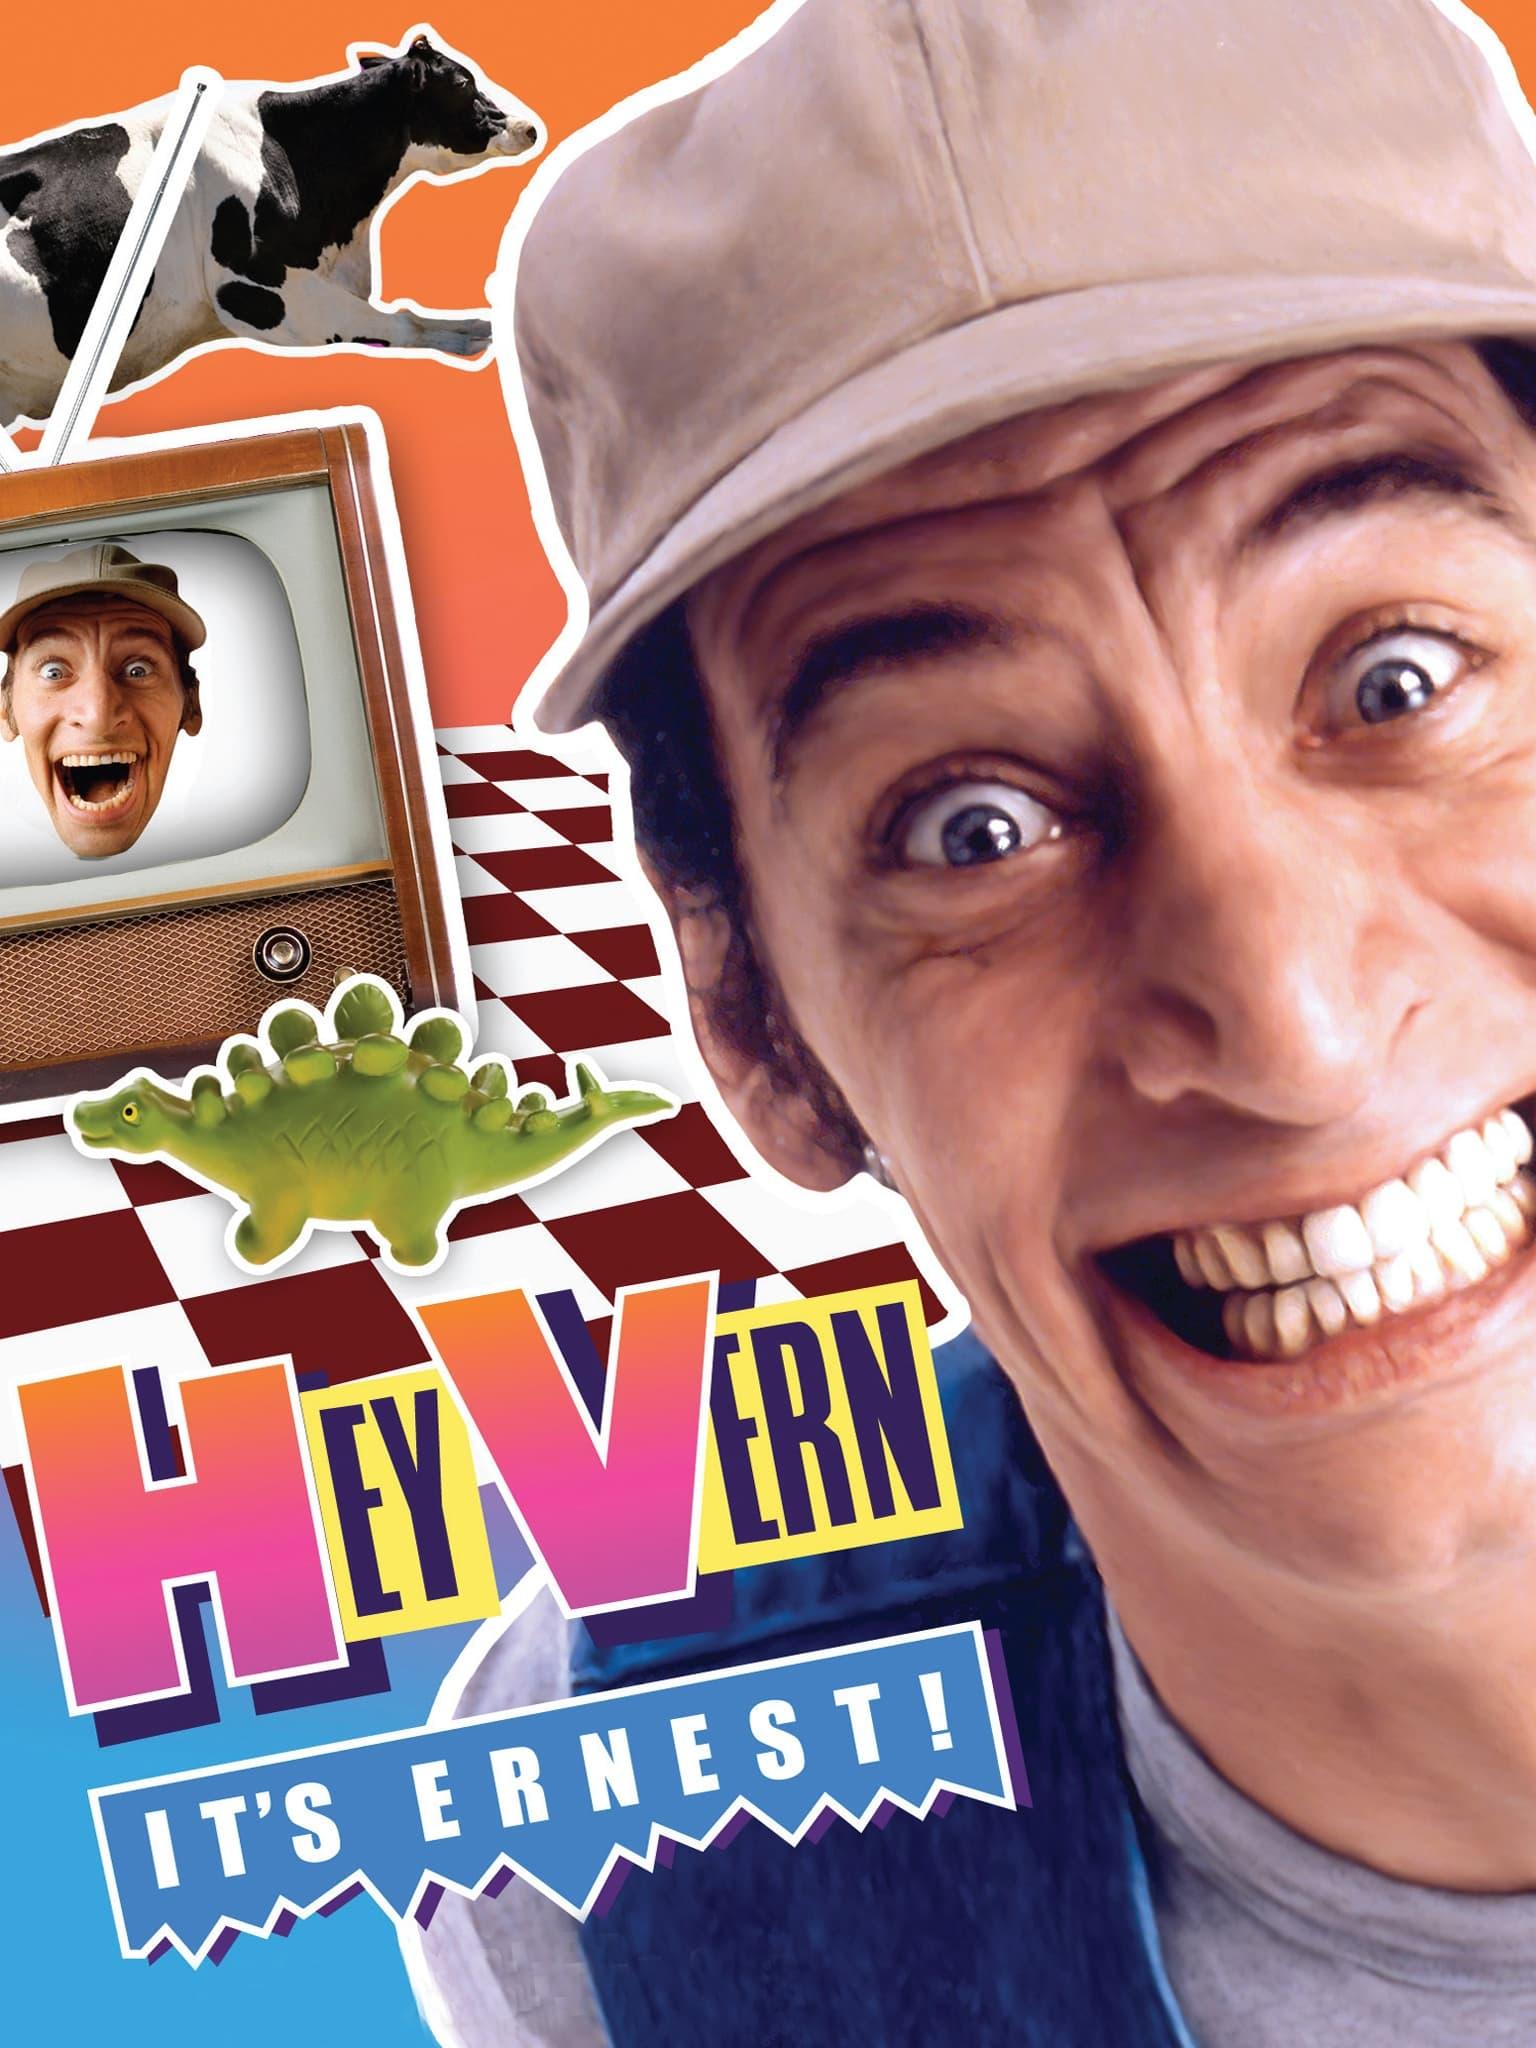 Hey Vern, It's Ernest!